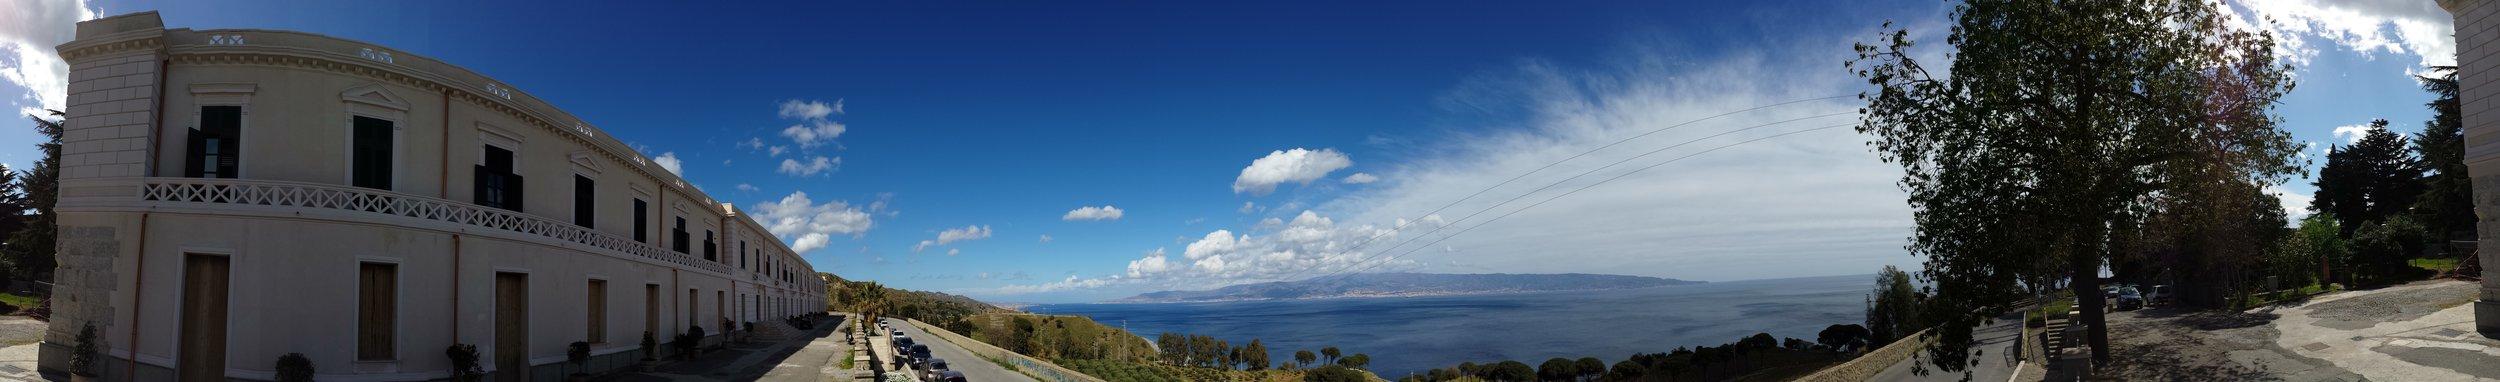 Vista  Panoramica di S. Placido.jpg